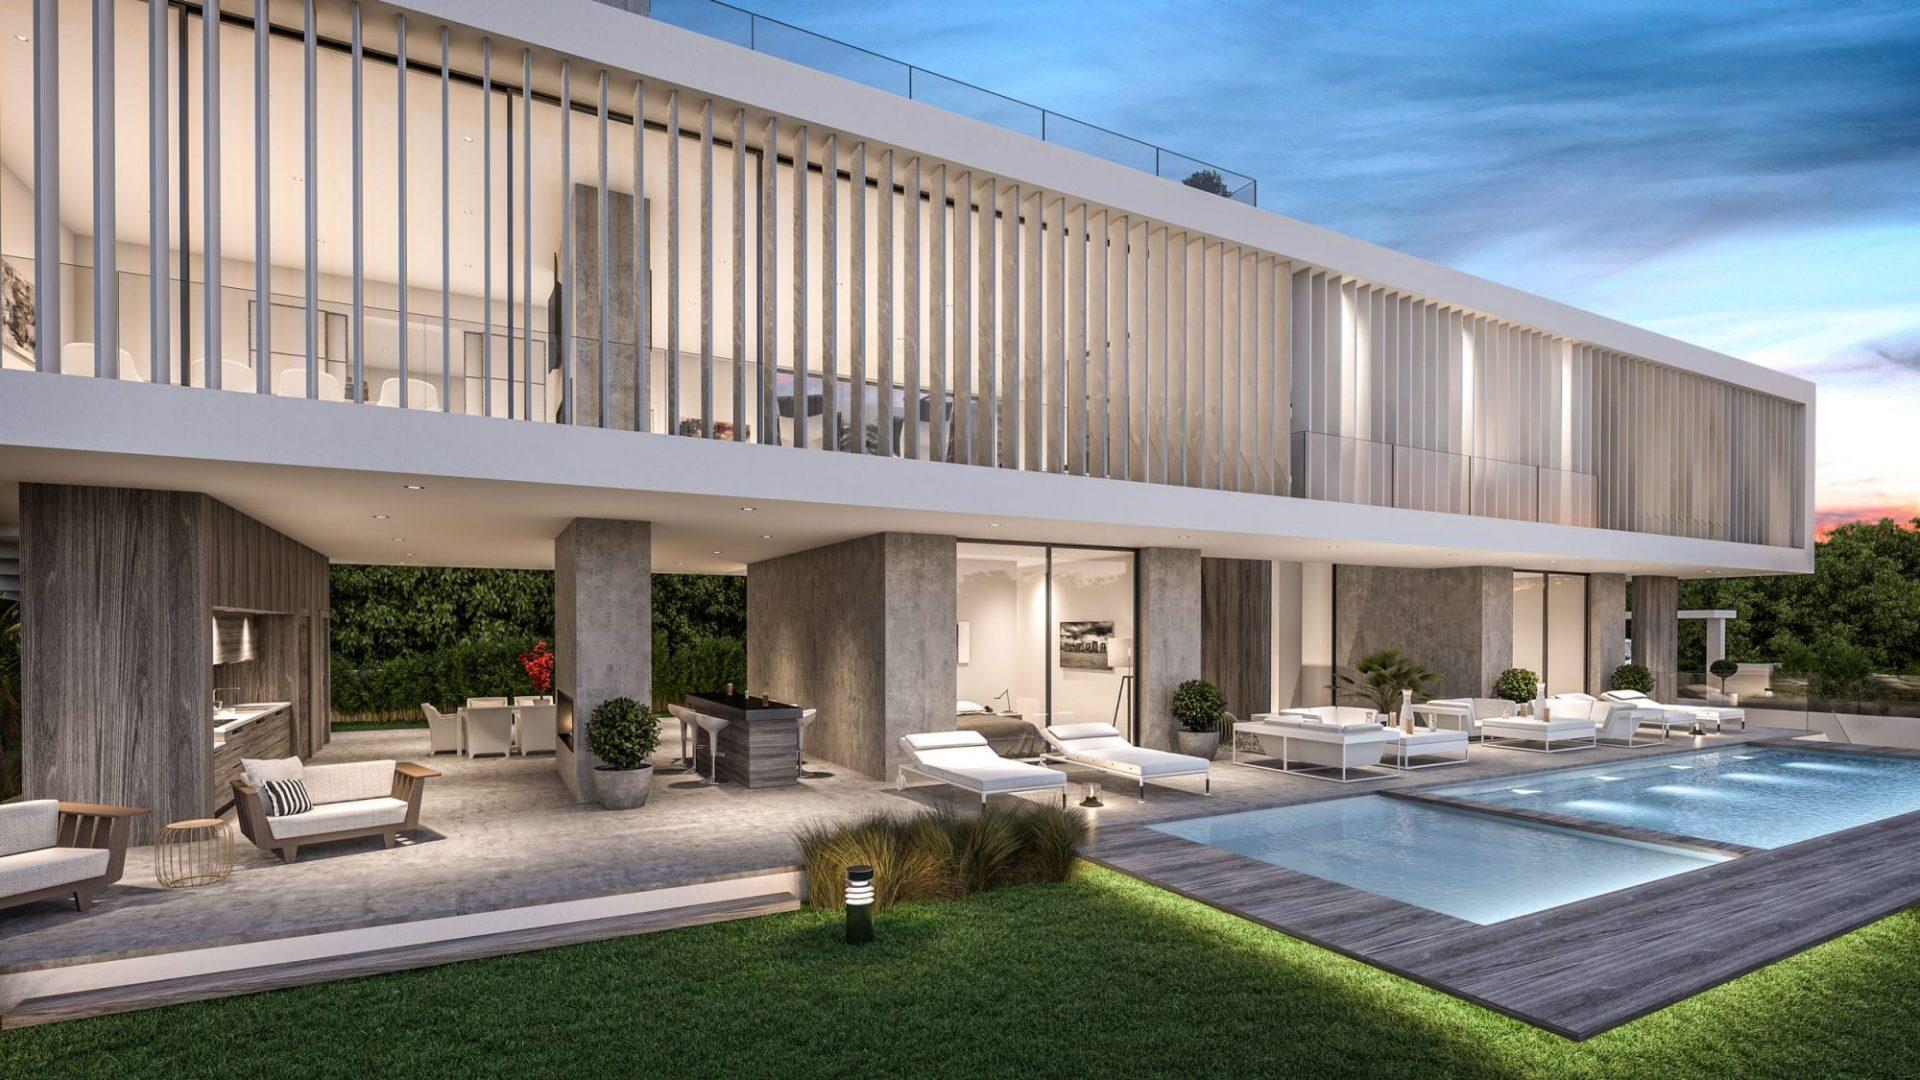 luxury-villa-dubai-marbella-madrid-b8-architecture-villa-cubus-04-2000x1125